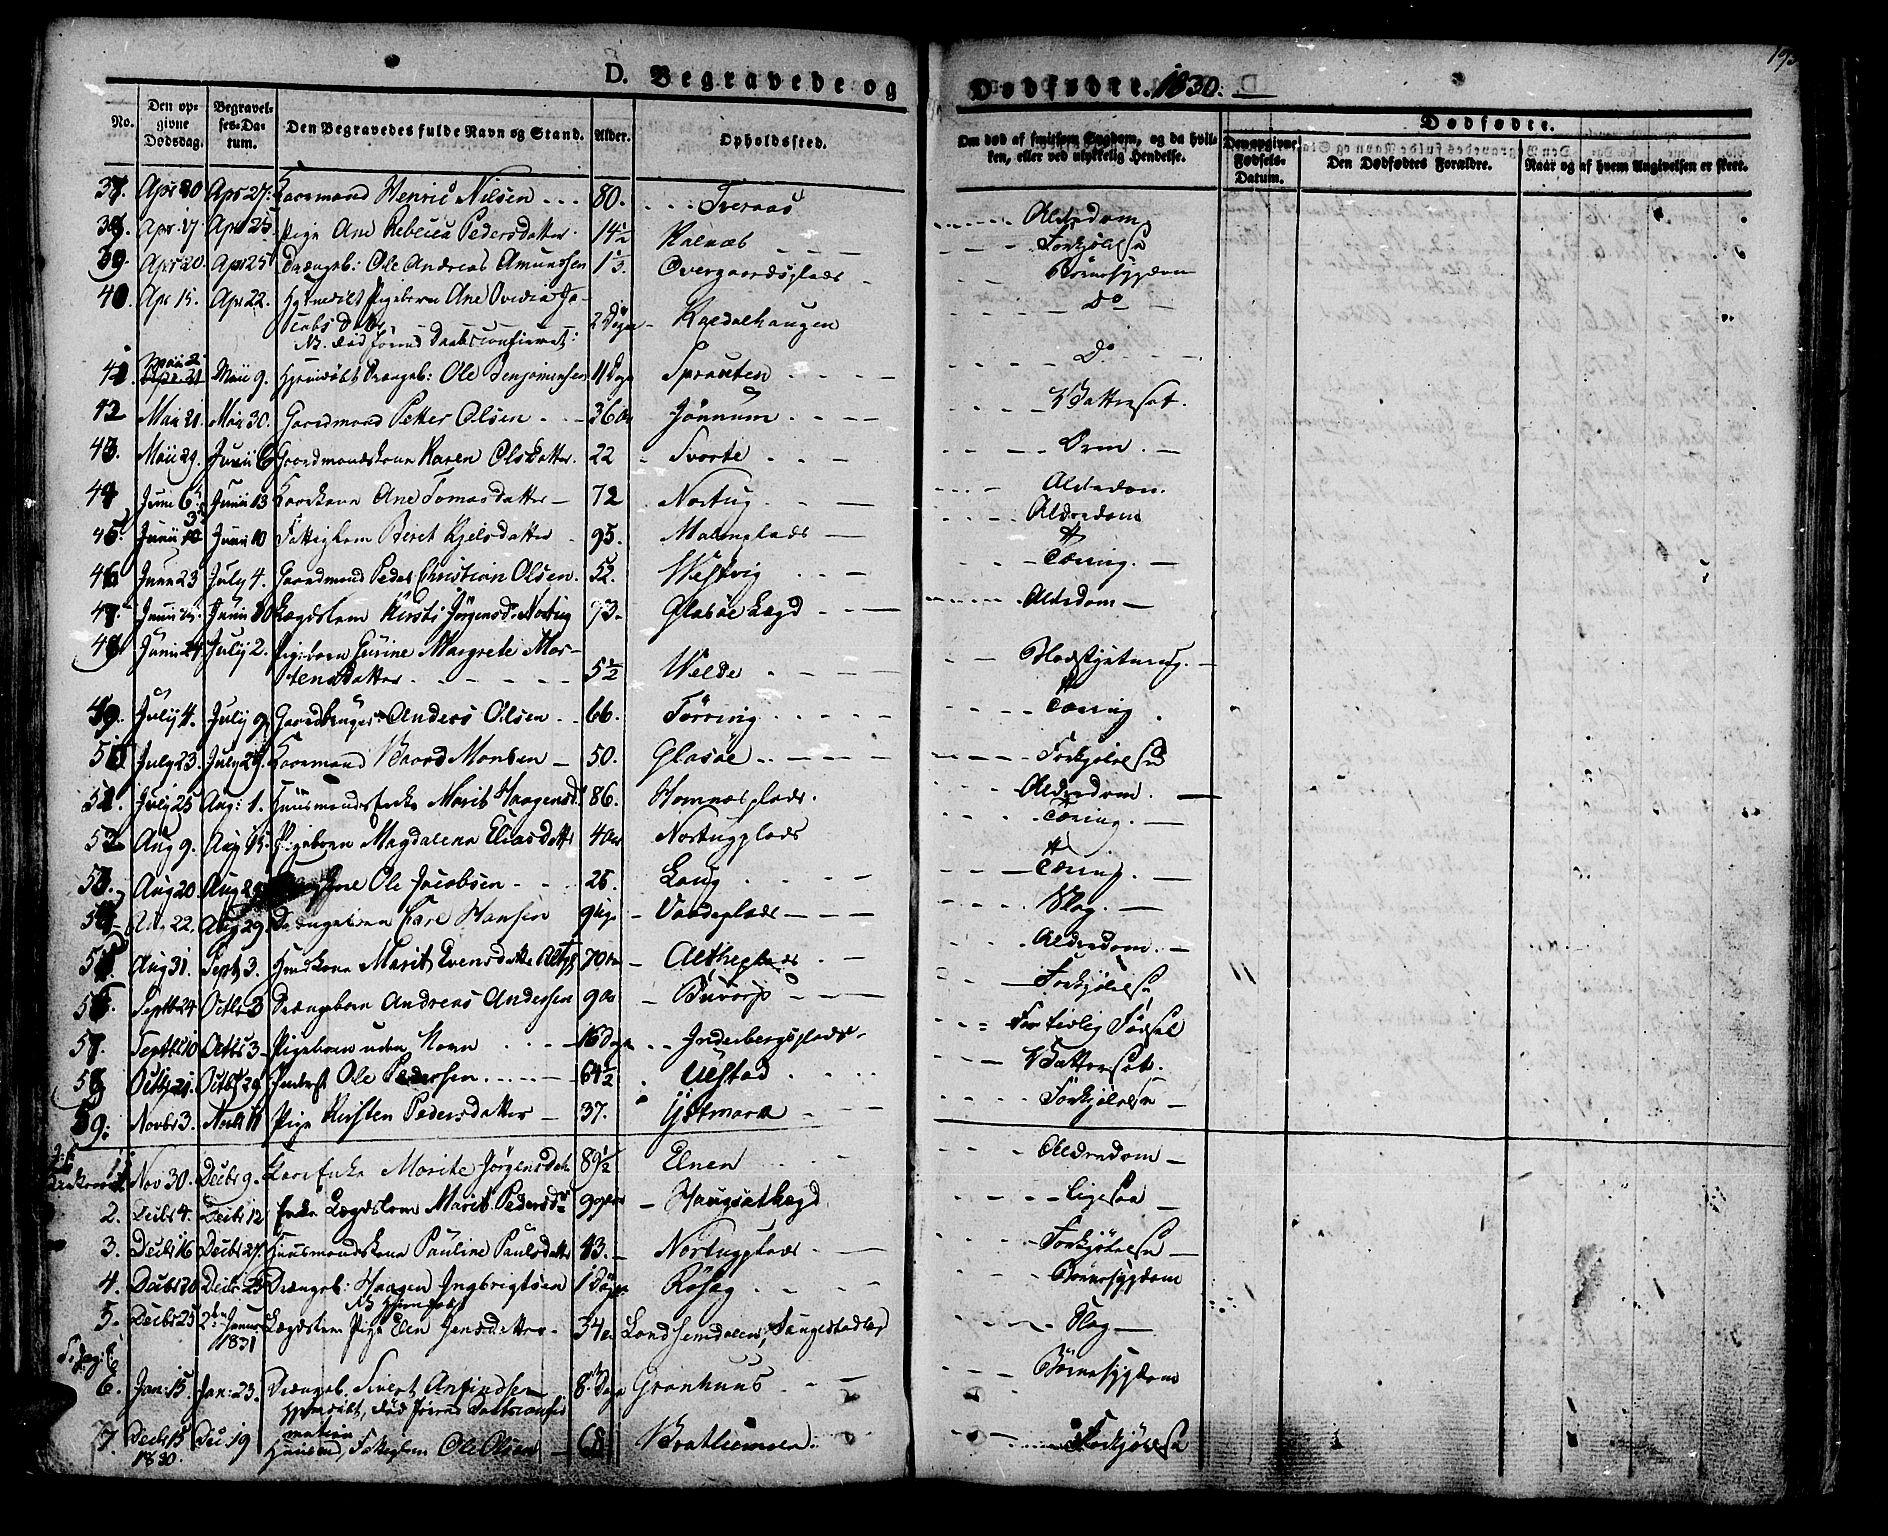 SAT, Ministerialprotokoller, klokkerbøker og fødselsregistre - Nord-Trøndelag, 741/L0390: Ministerialbok nr. 741A04, 1822-1836, s. 193